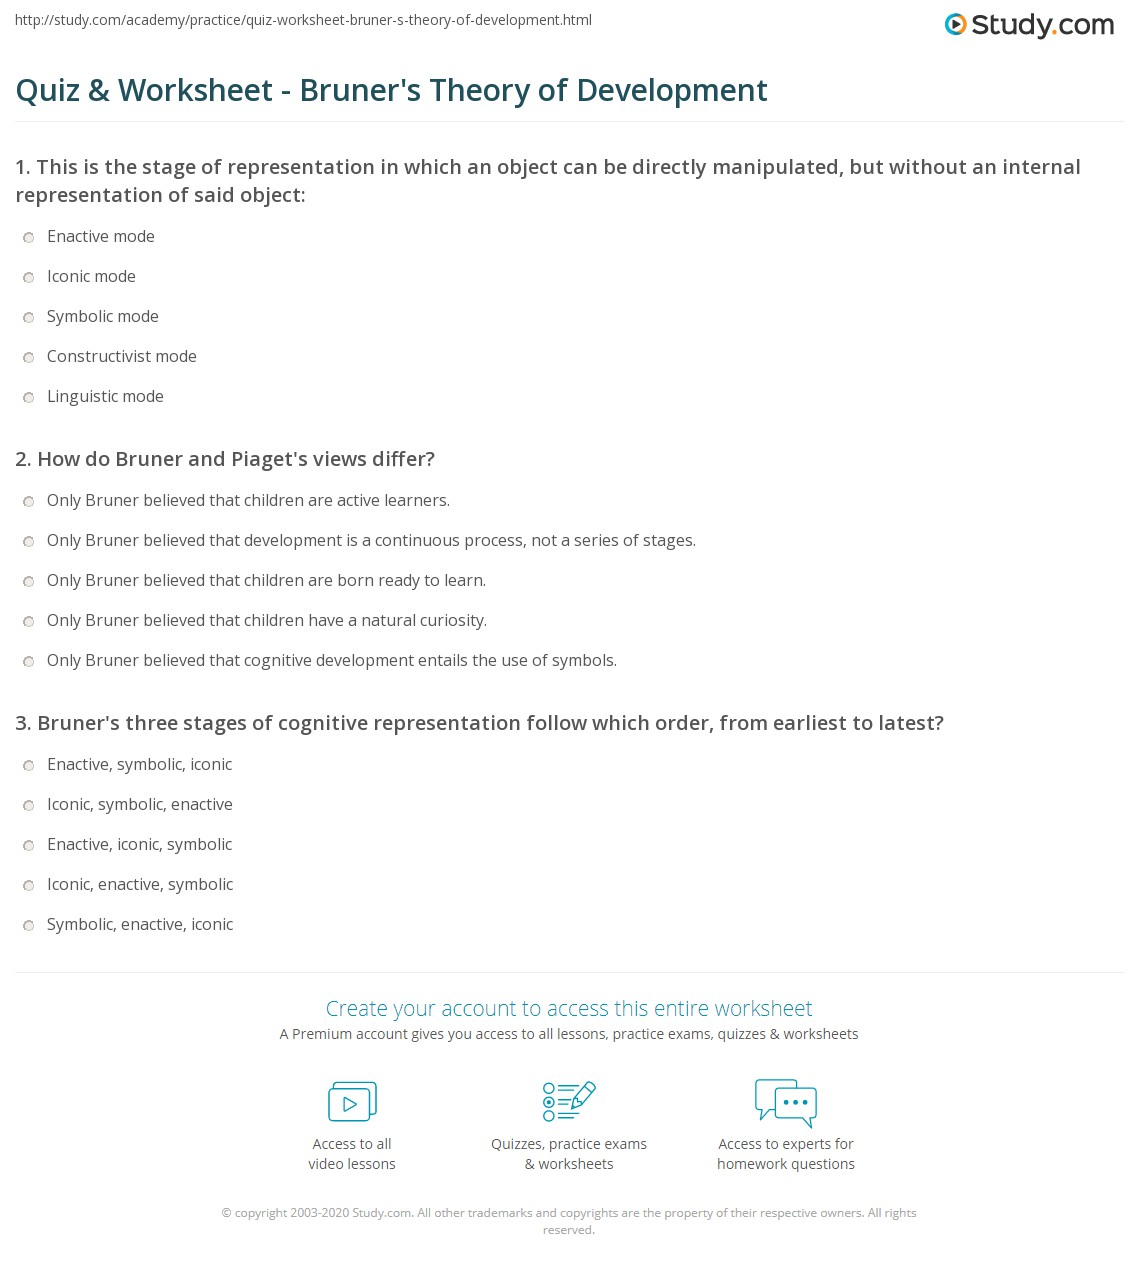 Cognitive Mode Worksheet